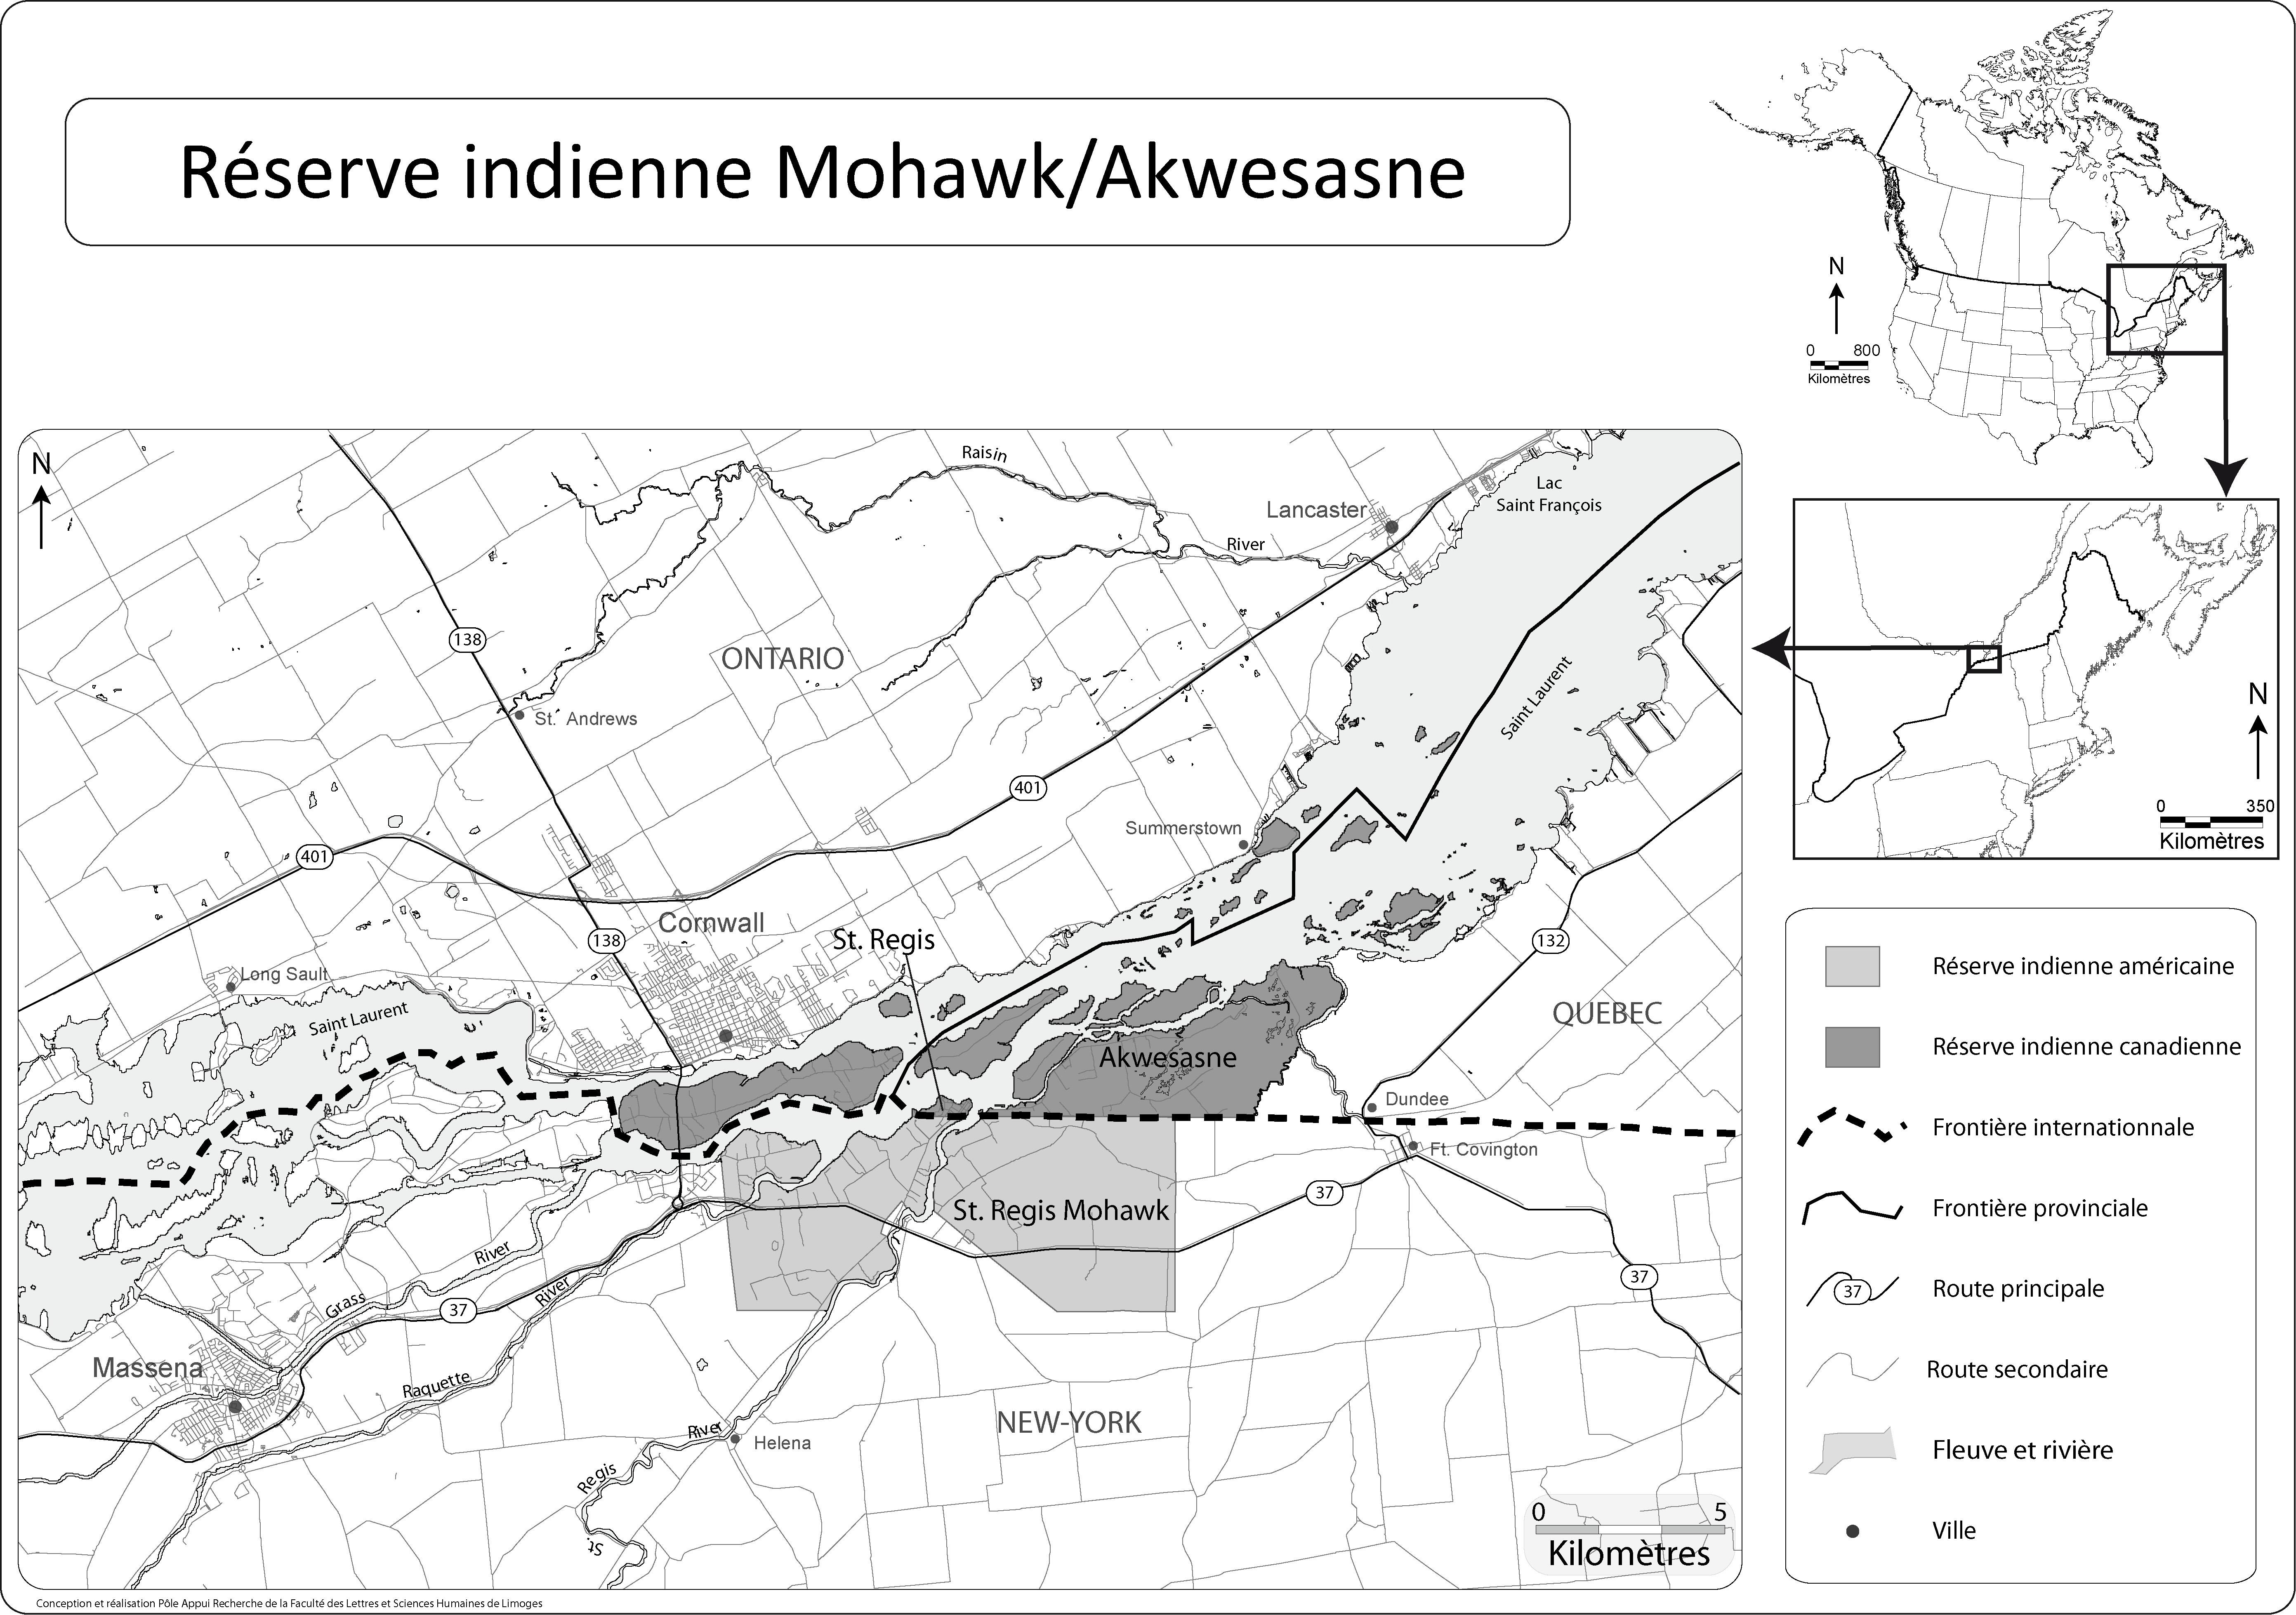 Carte Indien Canada Avantage.Nations Sans Frontieres Les Indiens D Amerique Du Nord